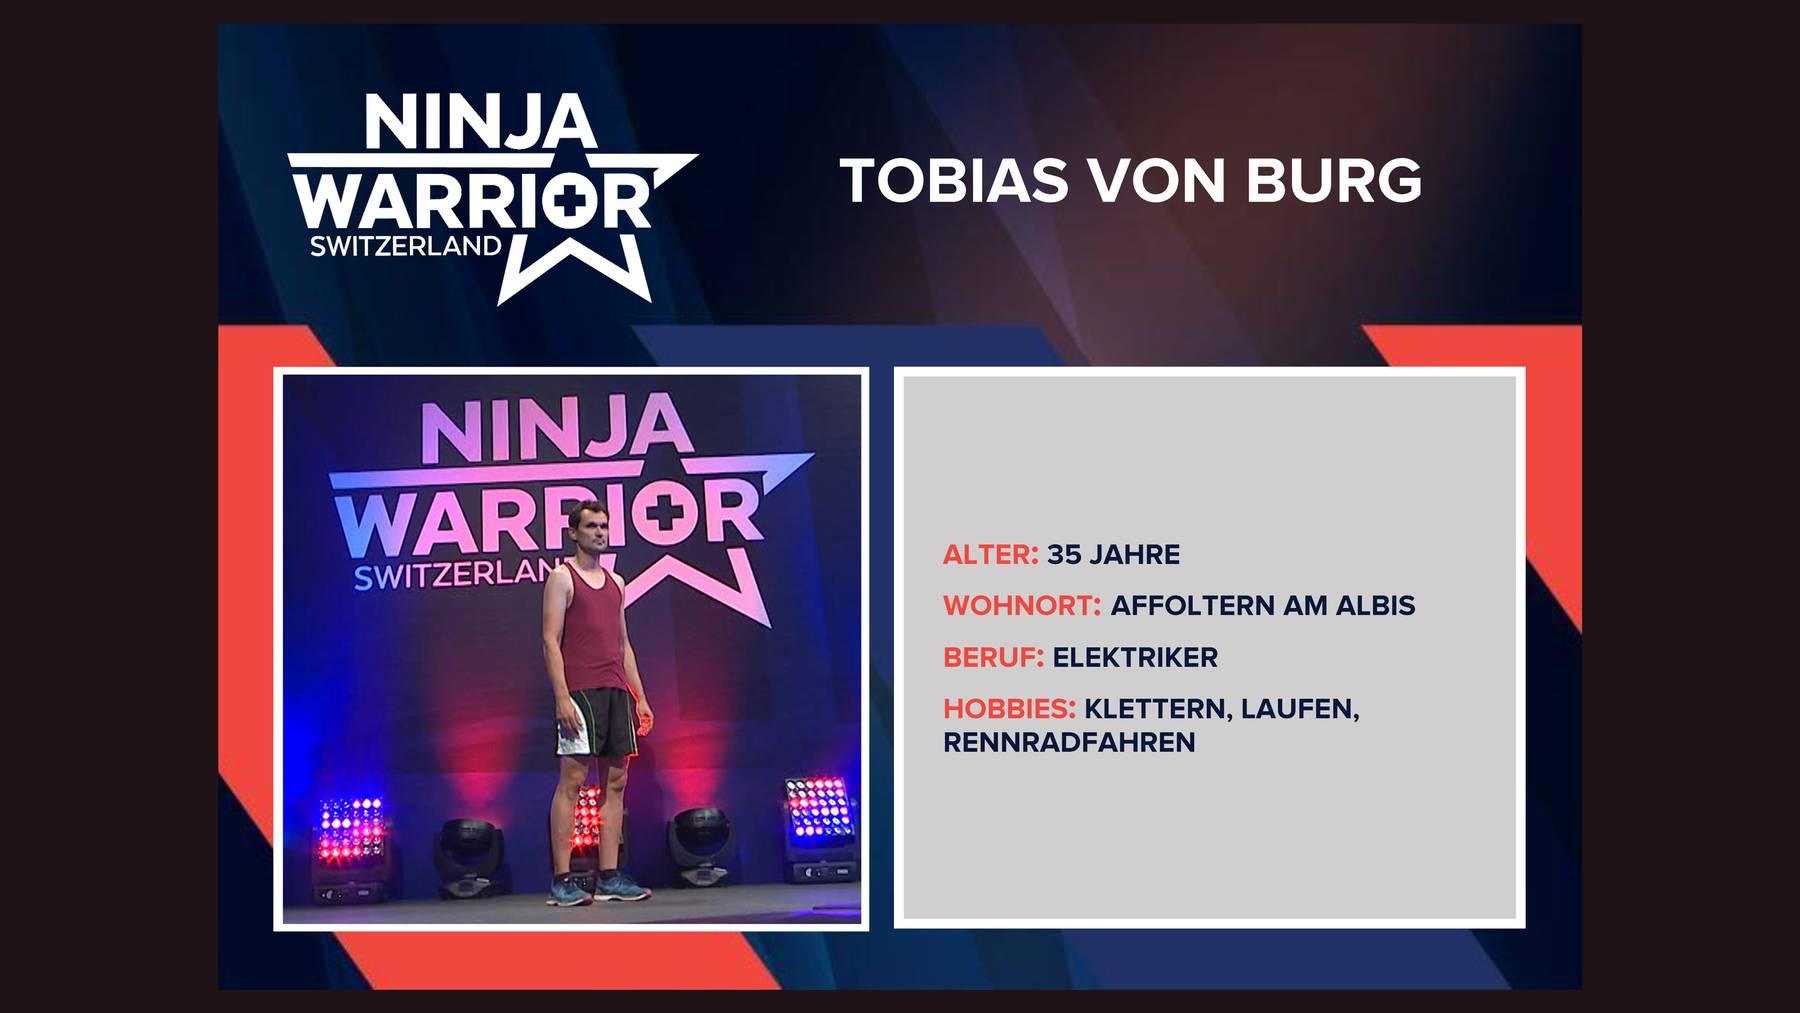 Tobias Von Burg